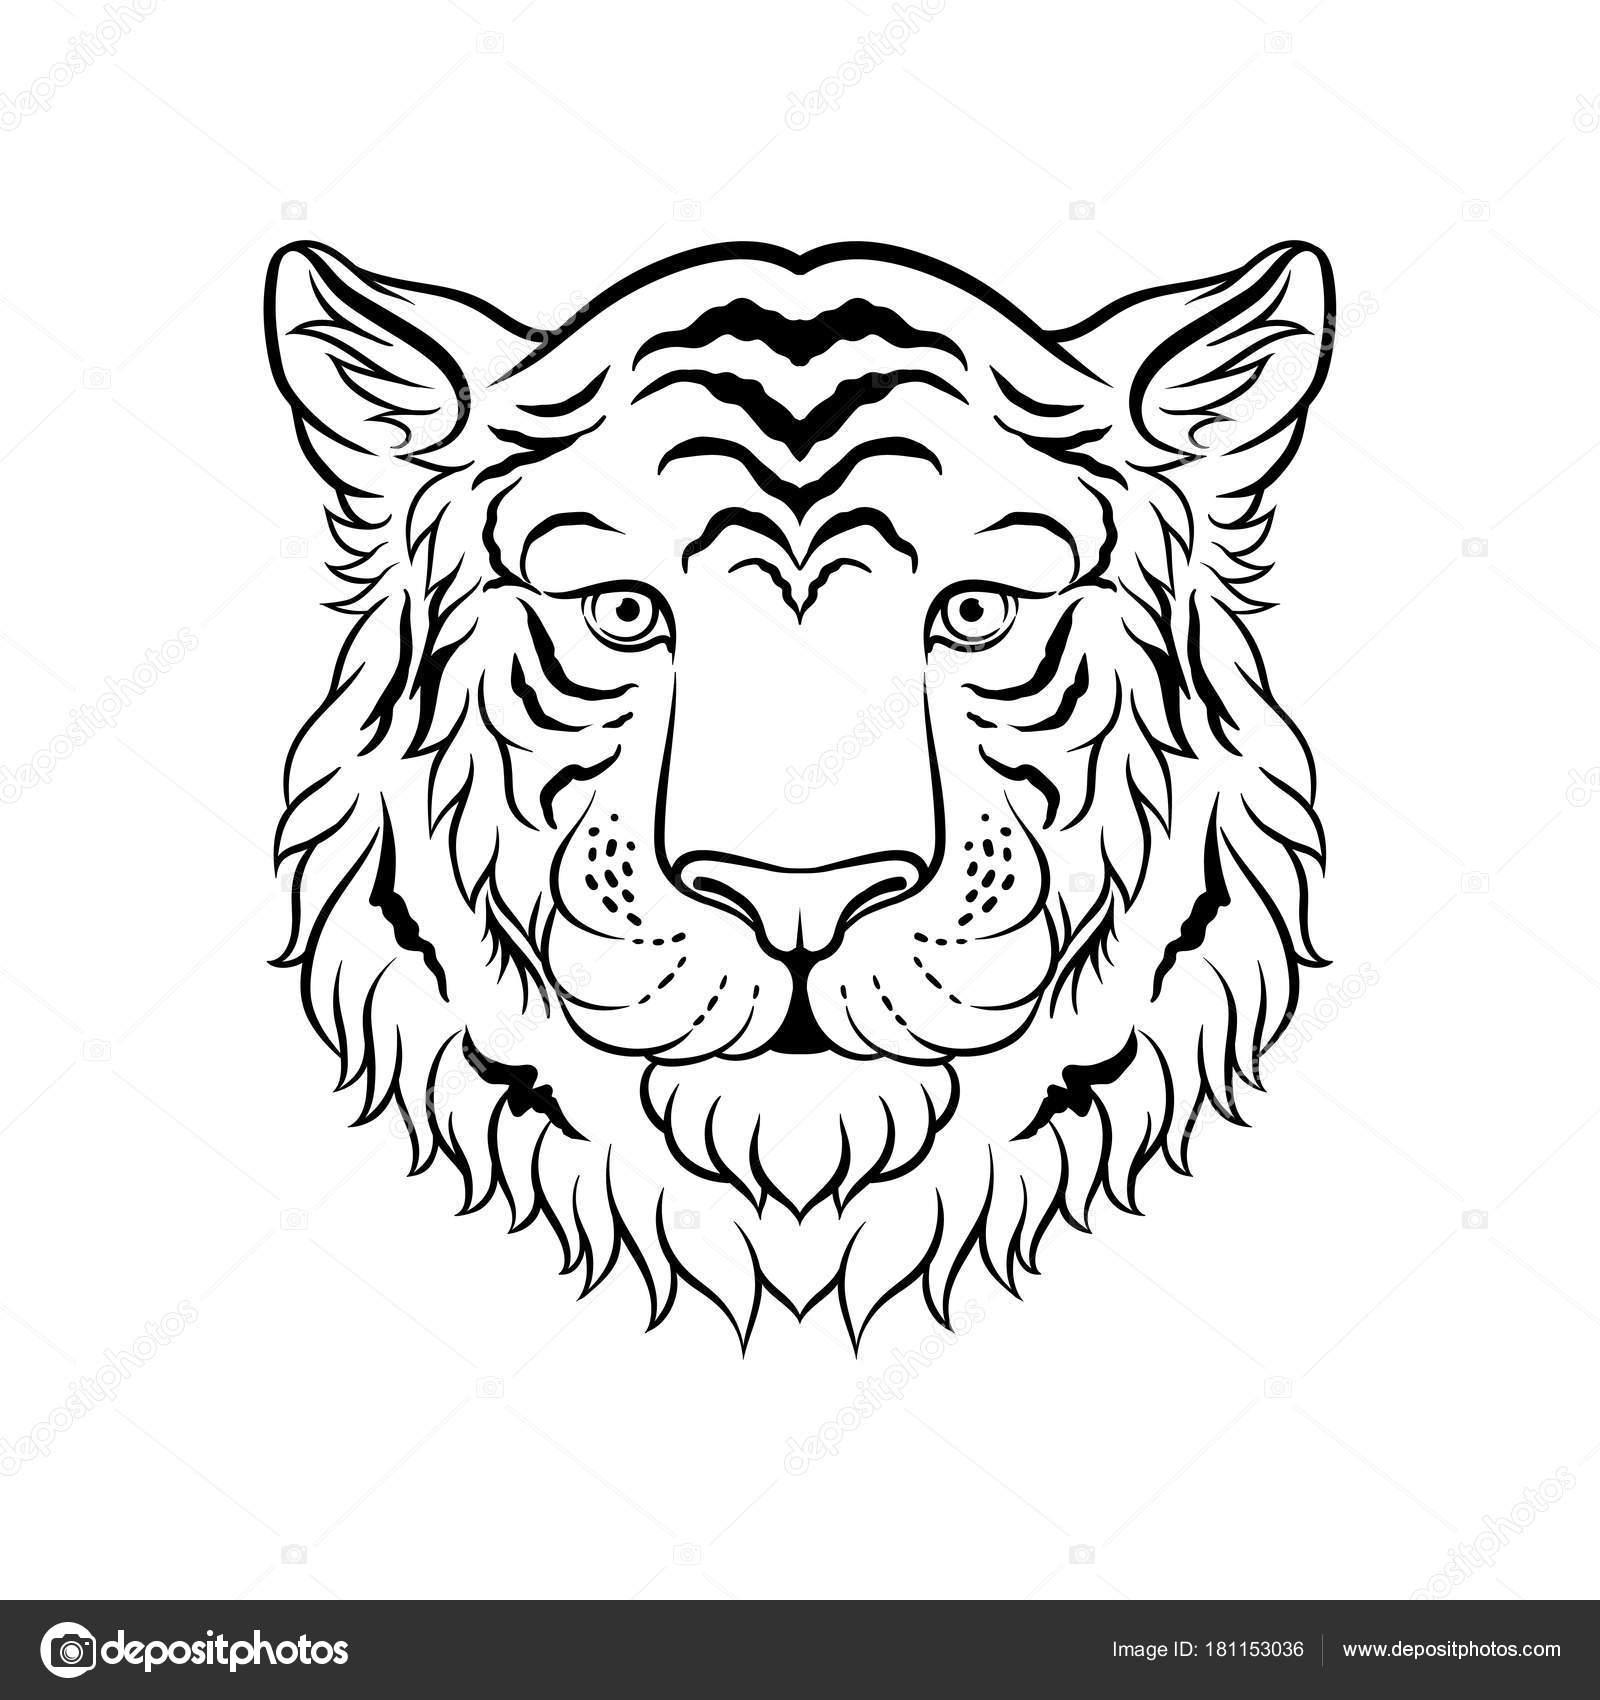 Imágenes Caras De Tigres Para Dibujar Blanco Y Negro Dibujo De